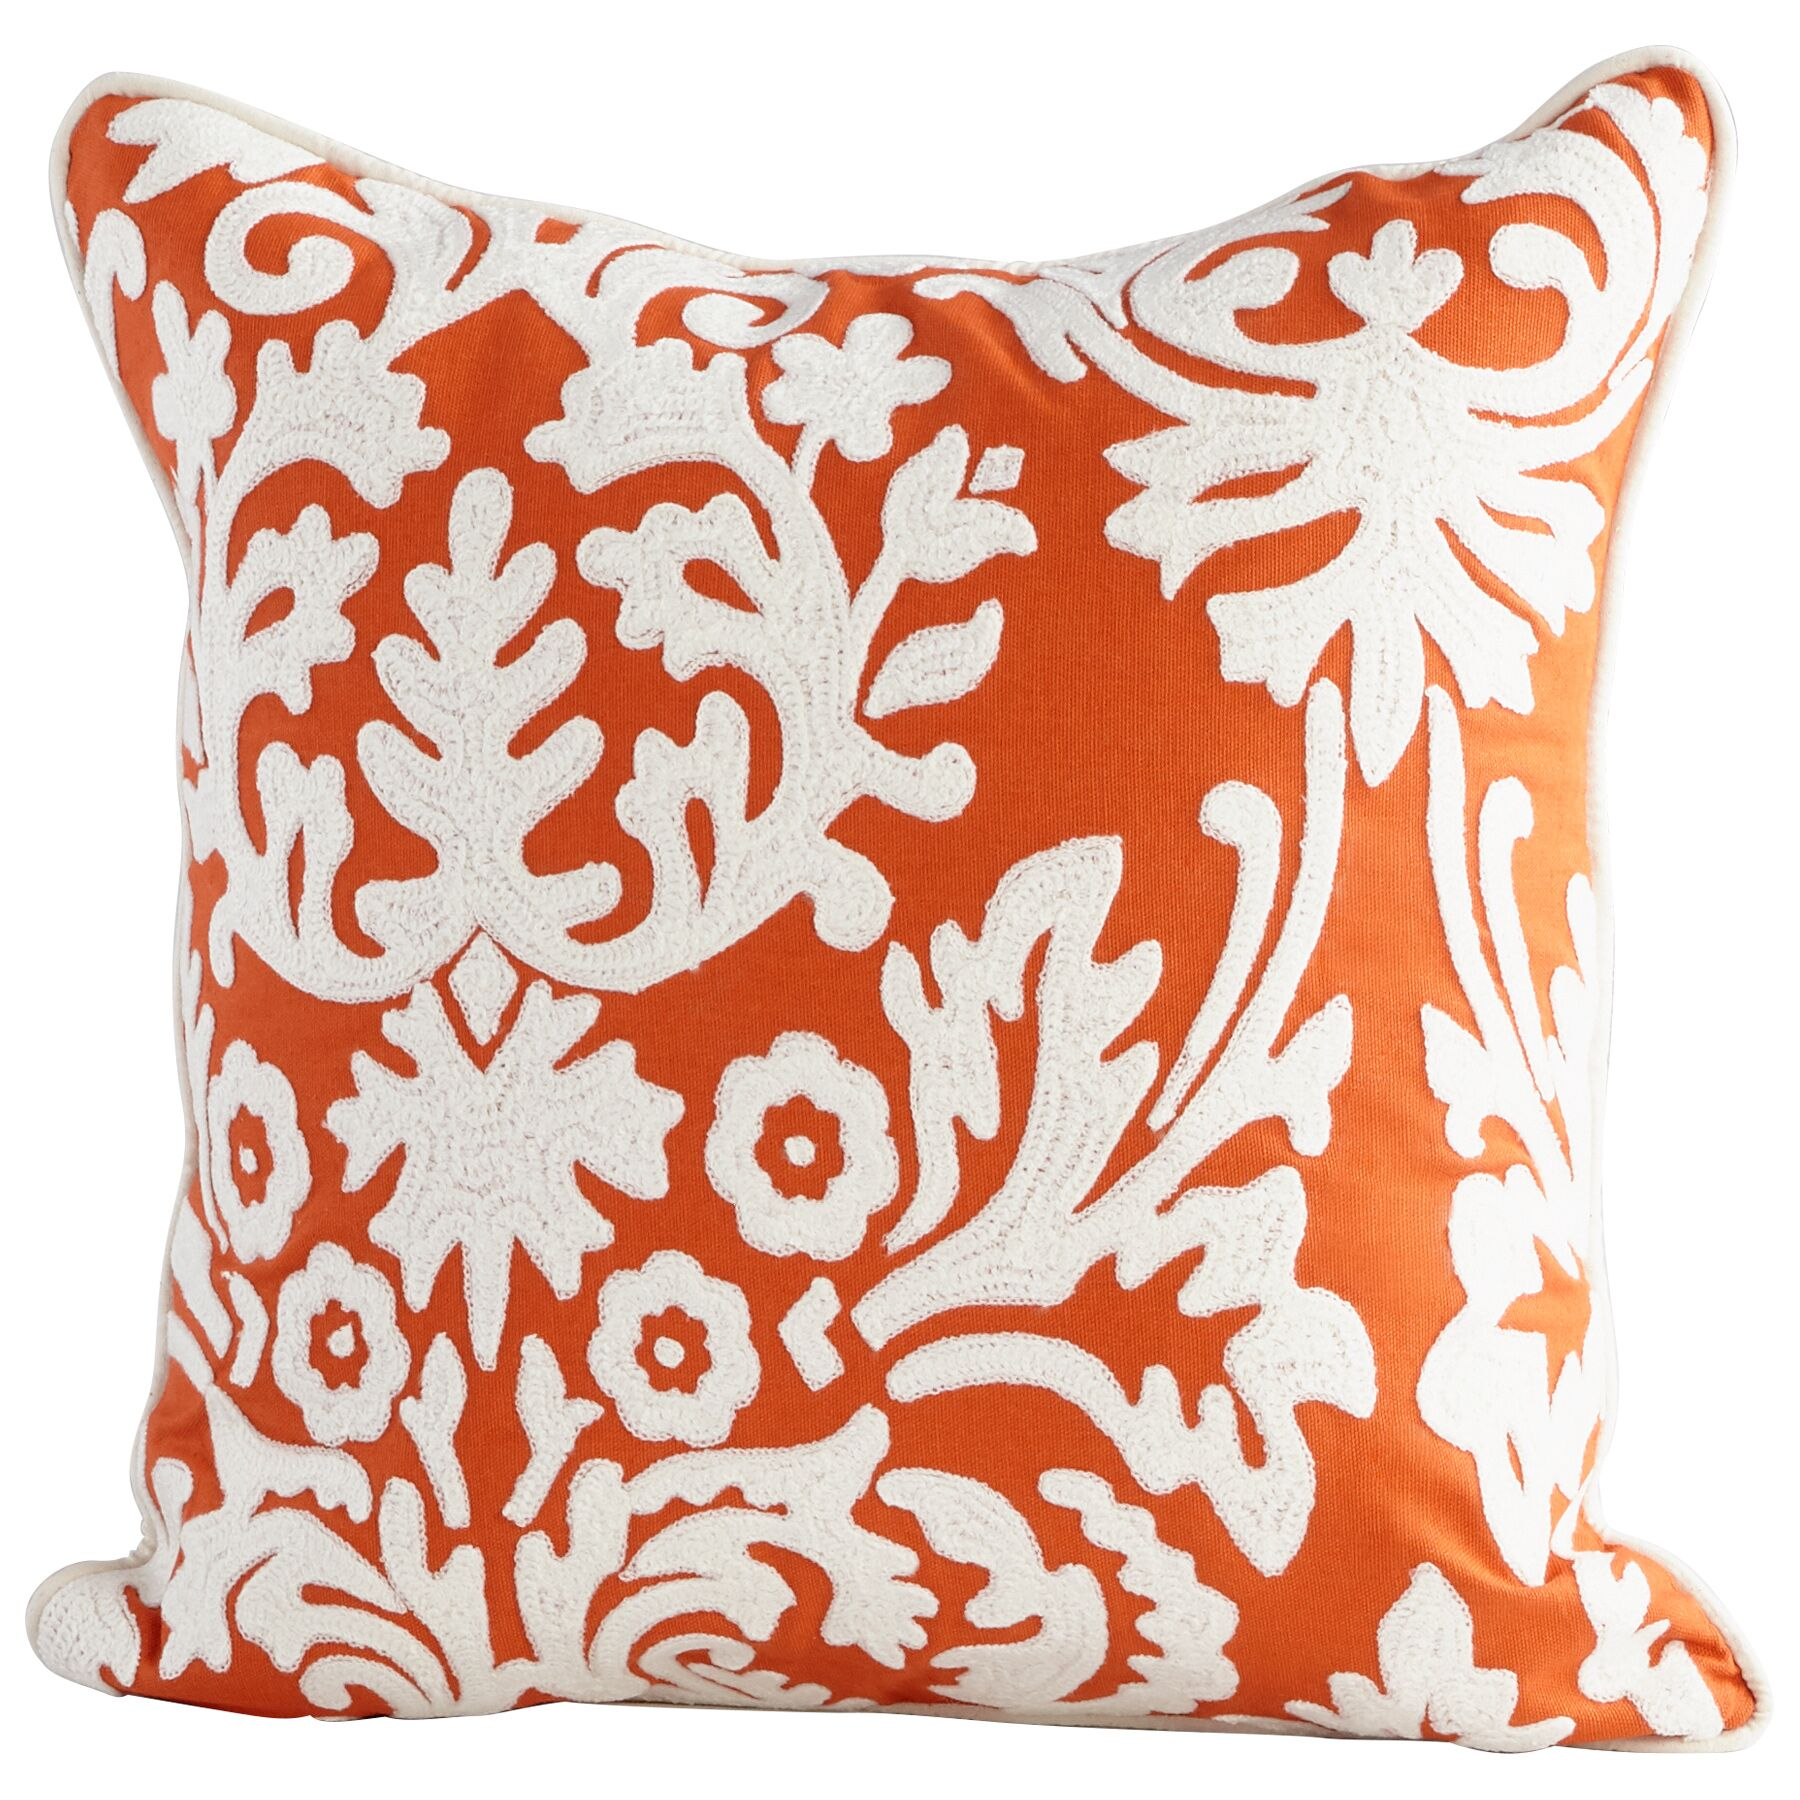 Nouveau Damask Decorative Cotton Throw Pillow